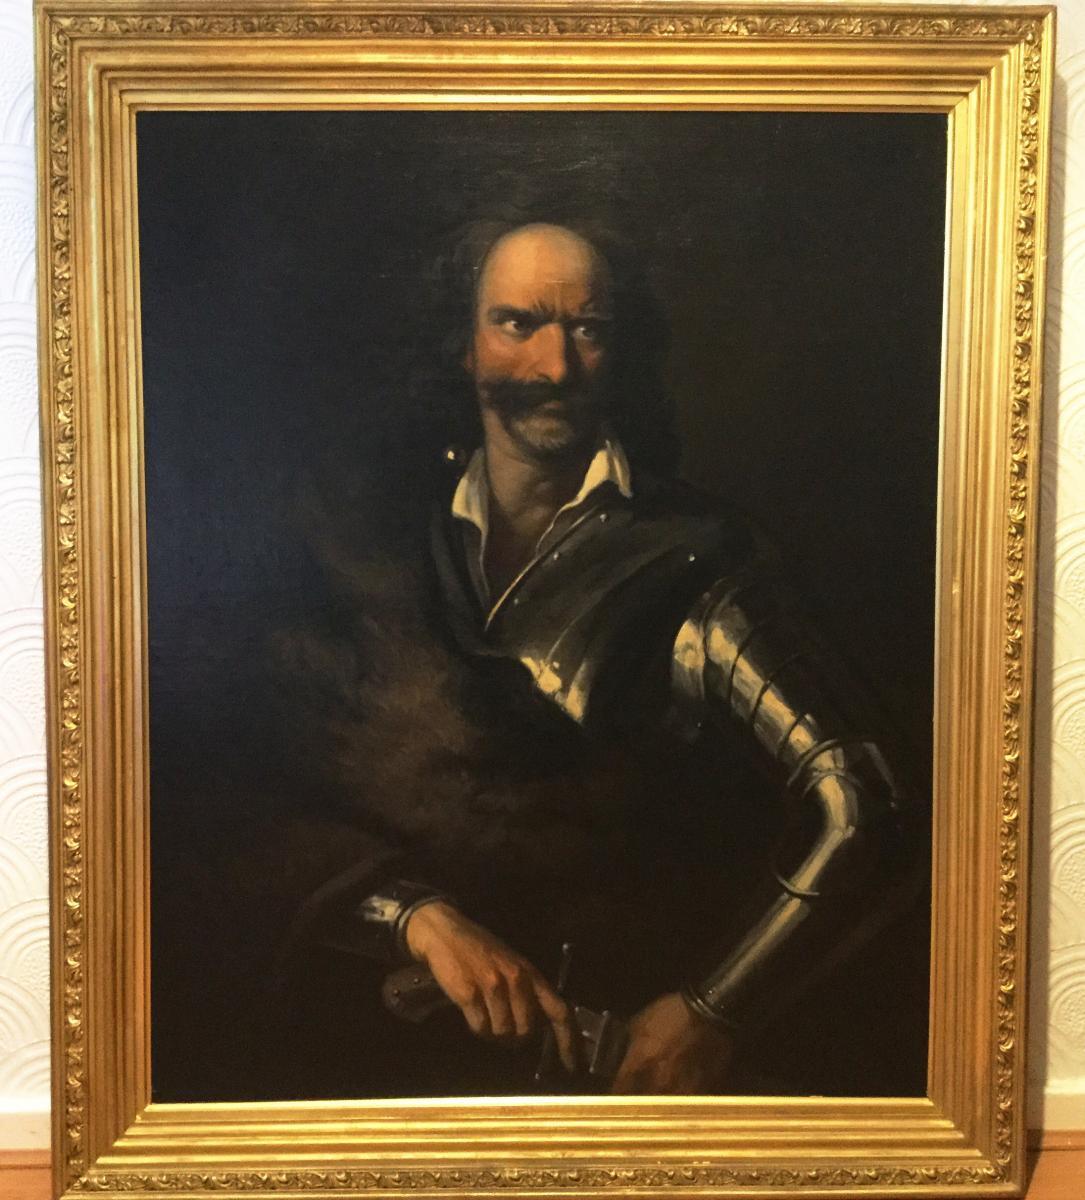 portrait l 39 huile du prince francis rakoczi i de transylvanie tableaux portraits. Black Bedroom Furniture Sets. Home Design Ideas